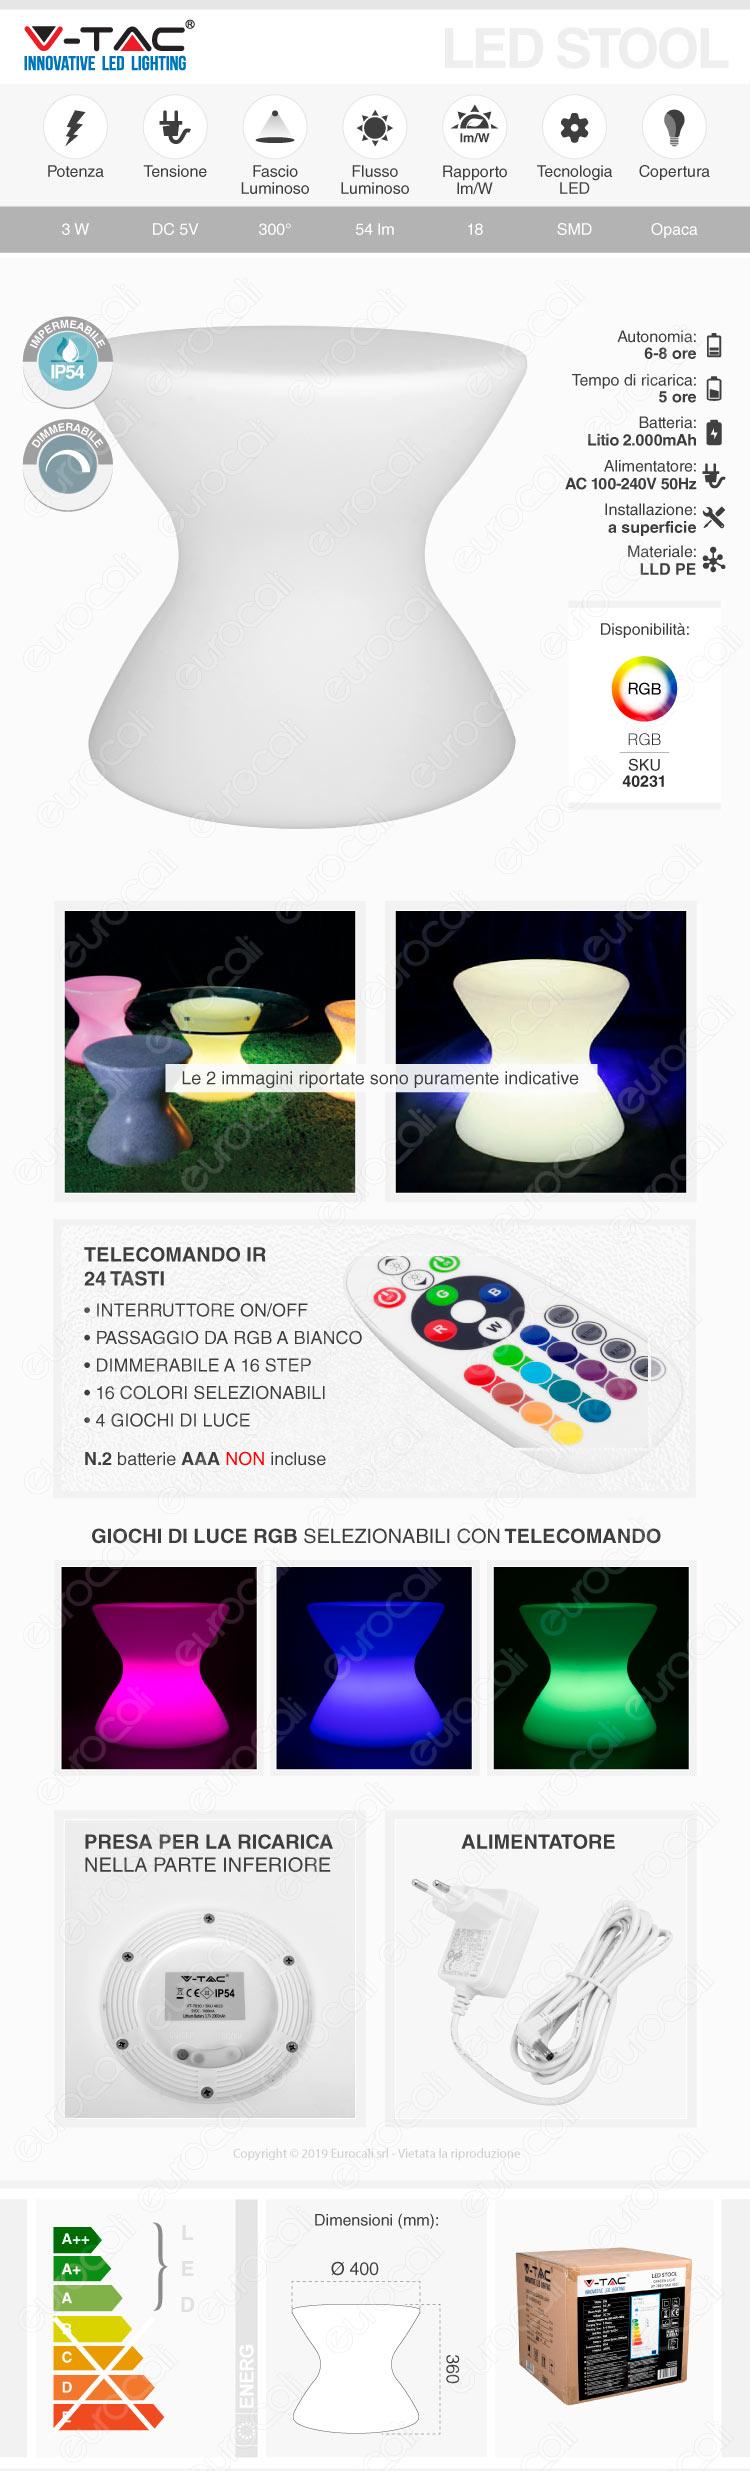 V-Tac VT-7810 Sgabello Multicolor LED RGB 3W Ricaricabile con Telecomando IP54